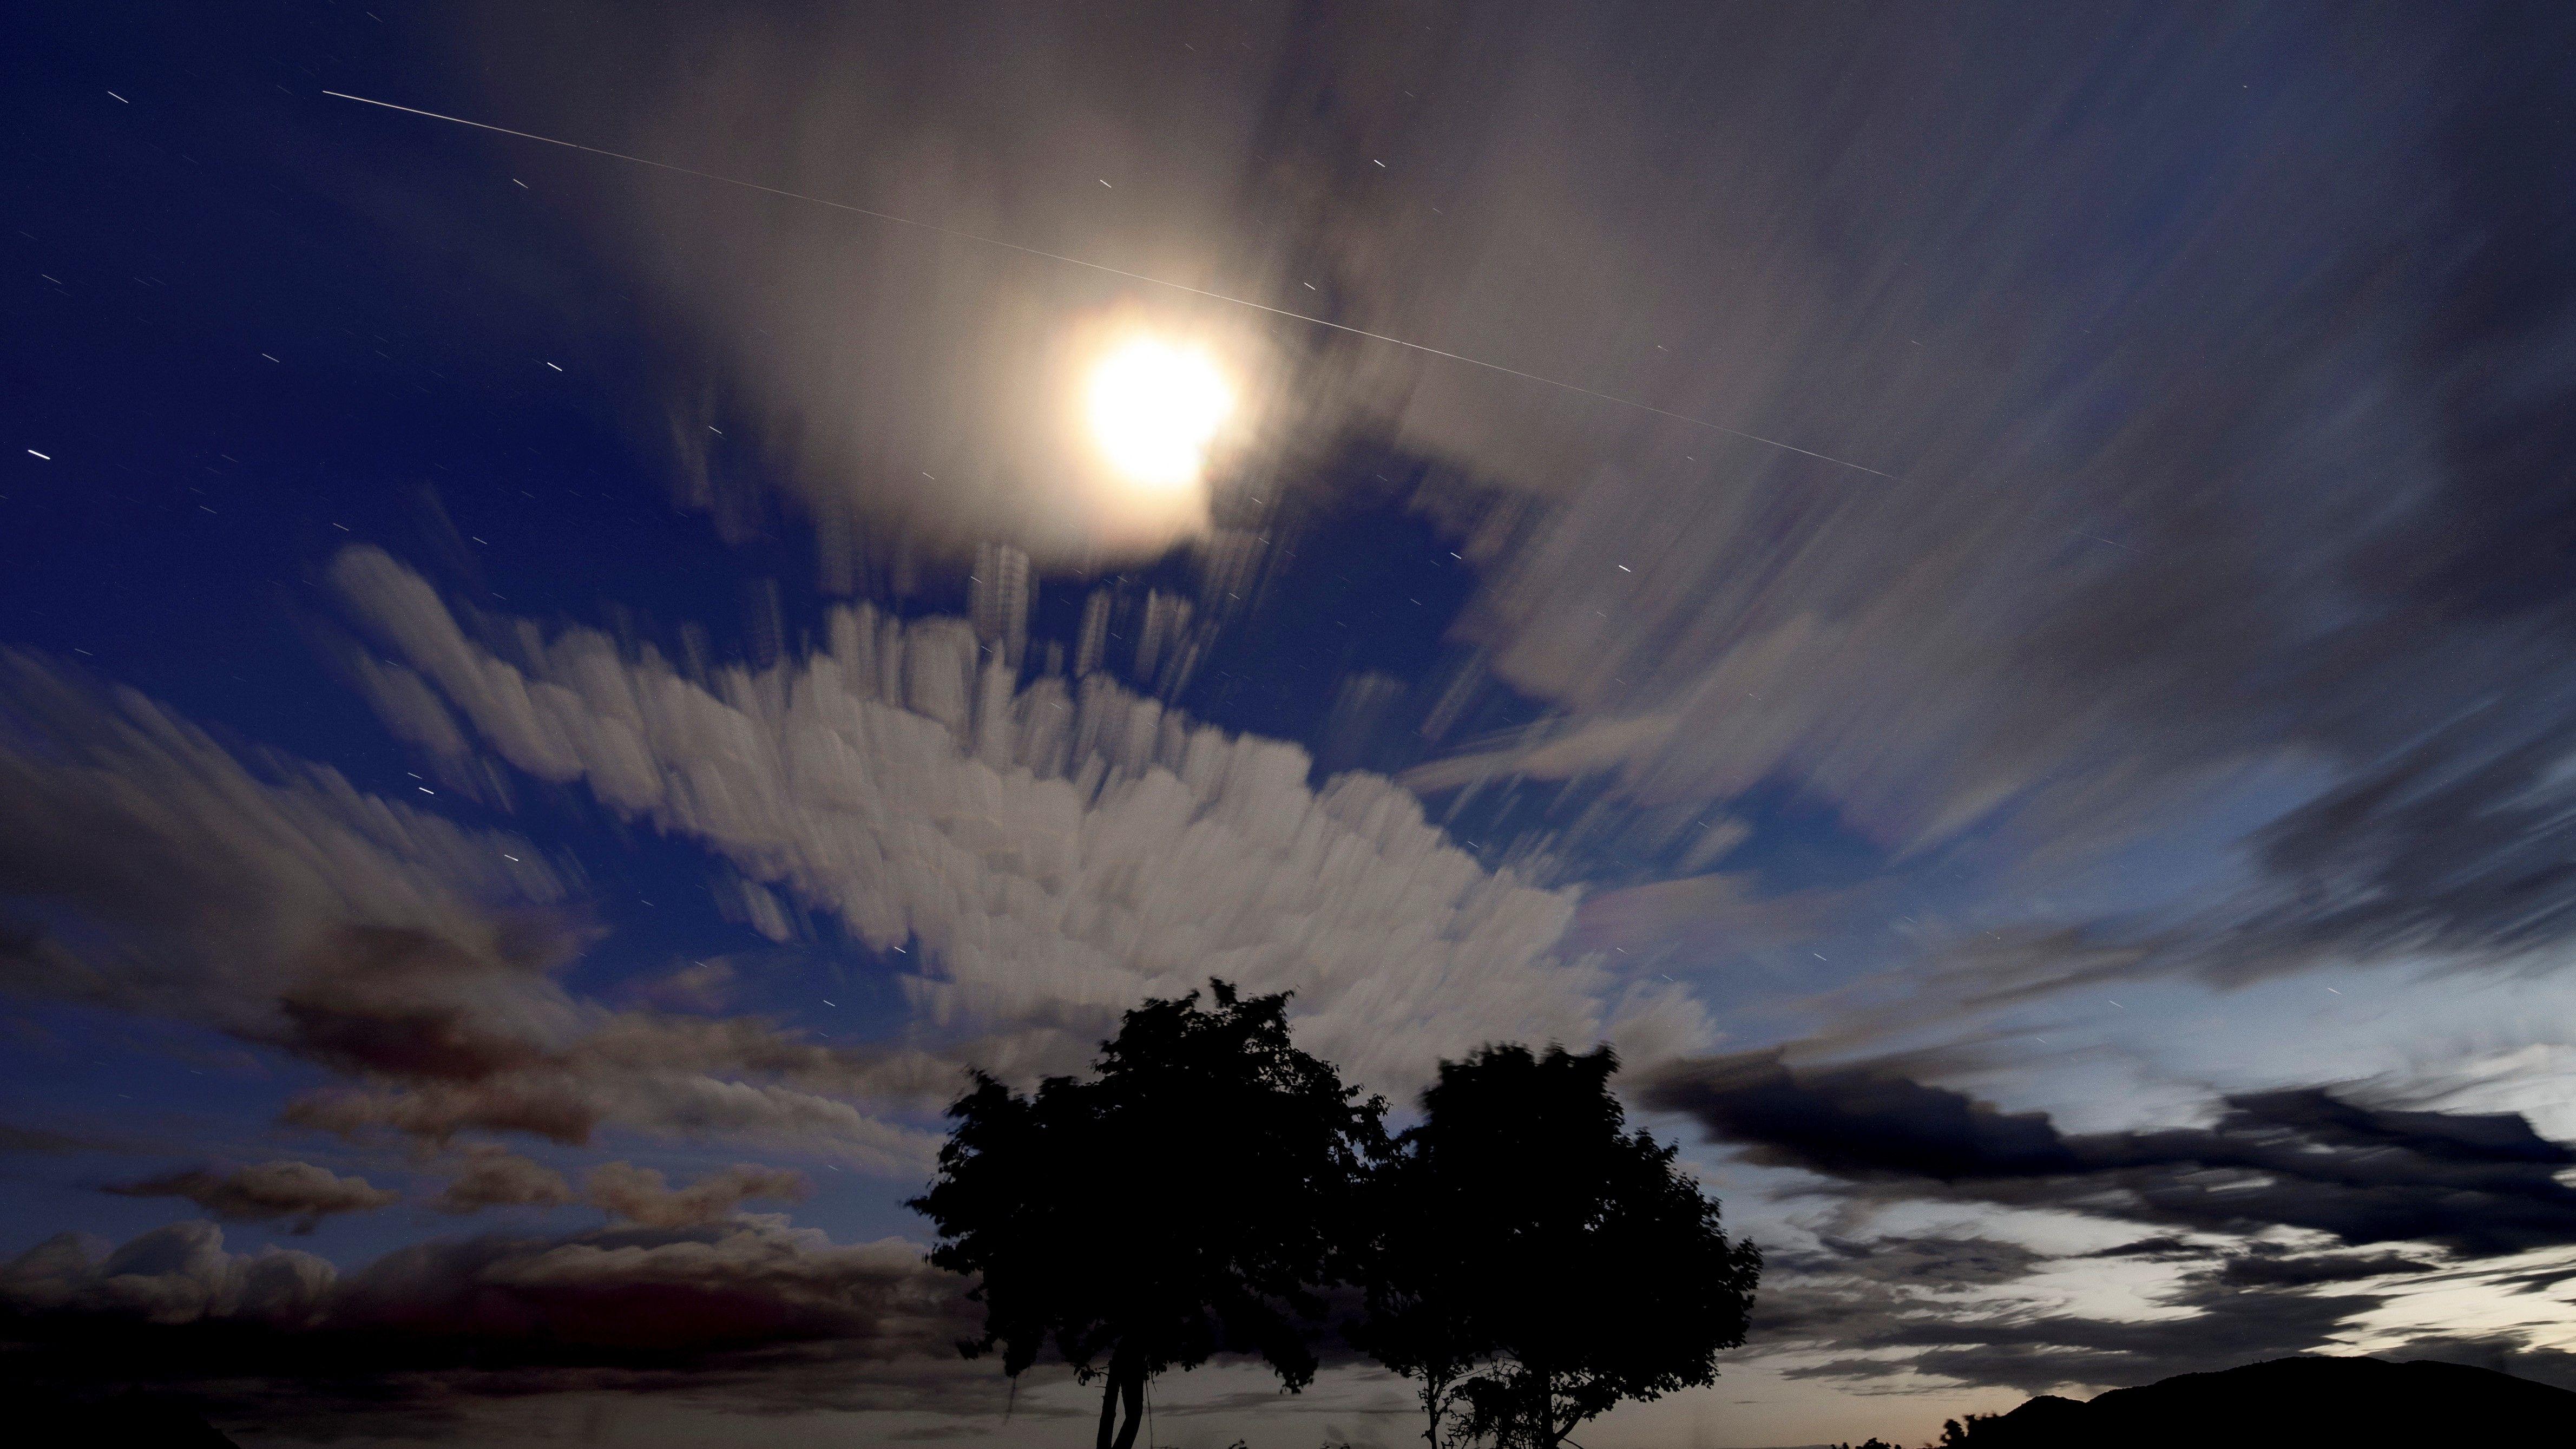 Így néz ki Salgótarján felől a Nemzetközi Űrállomás